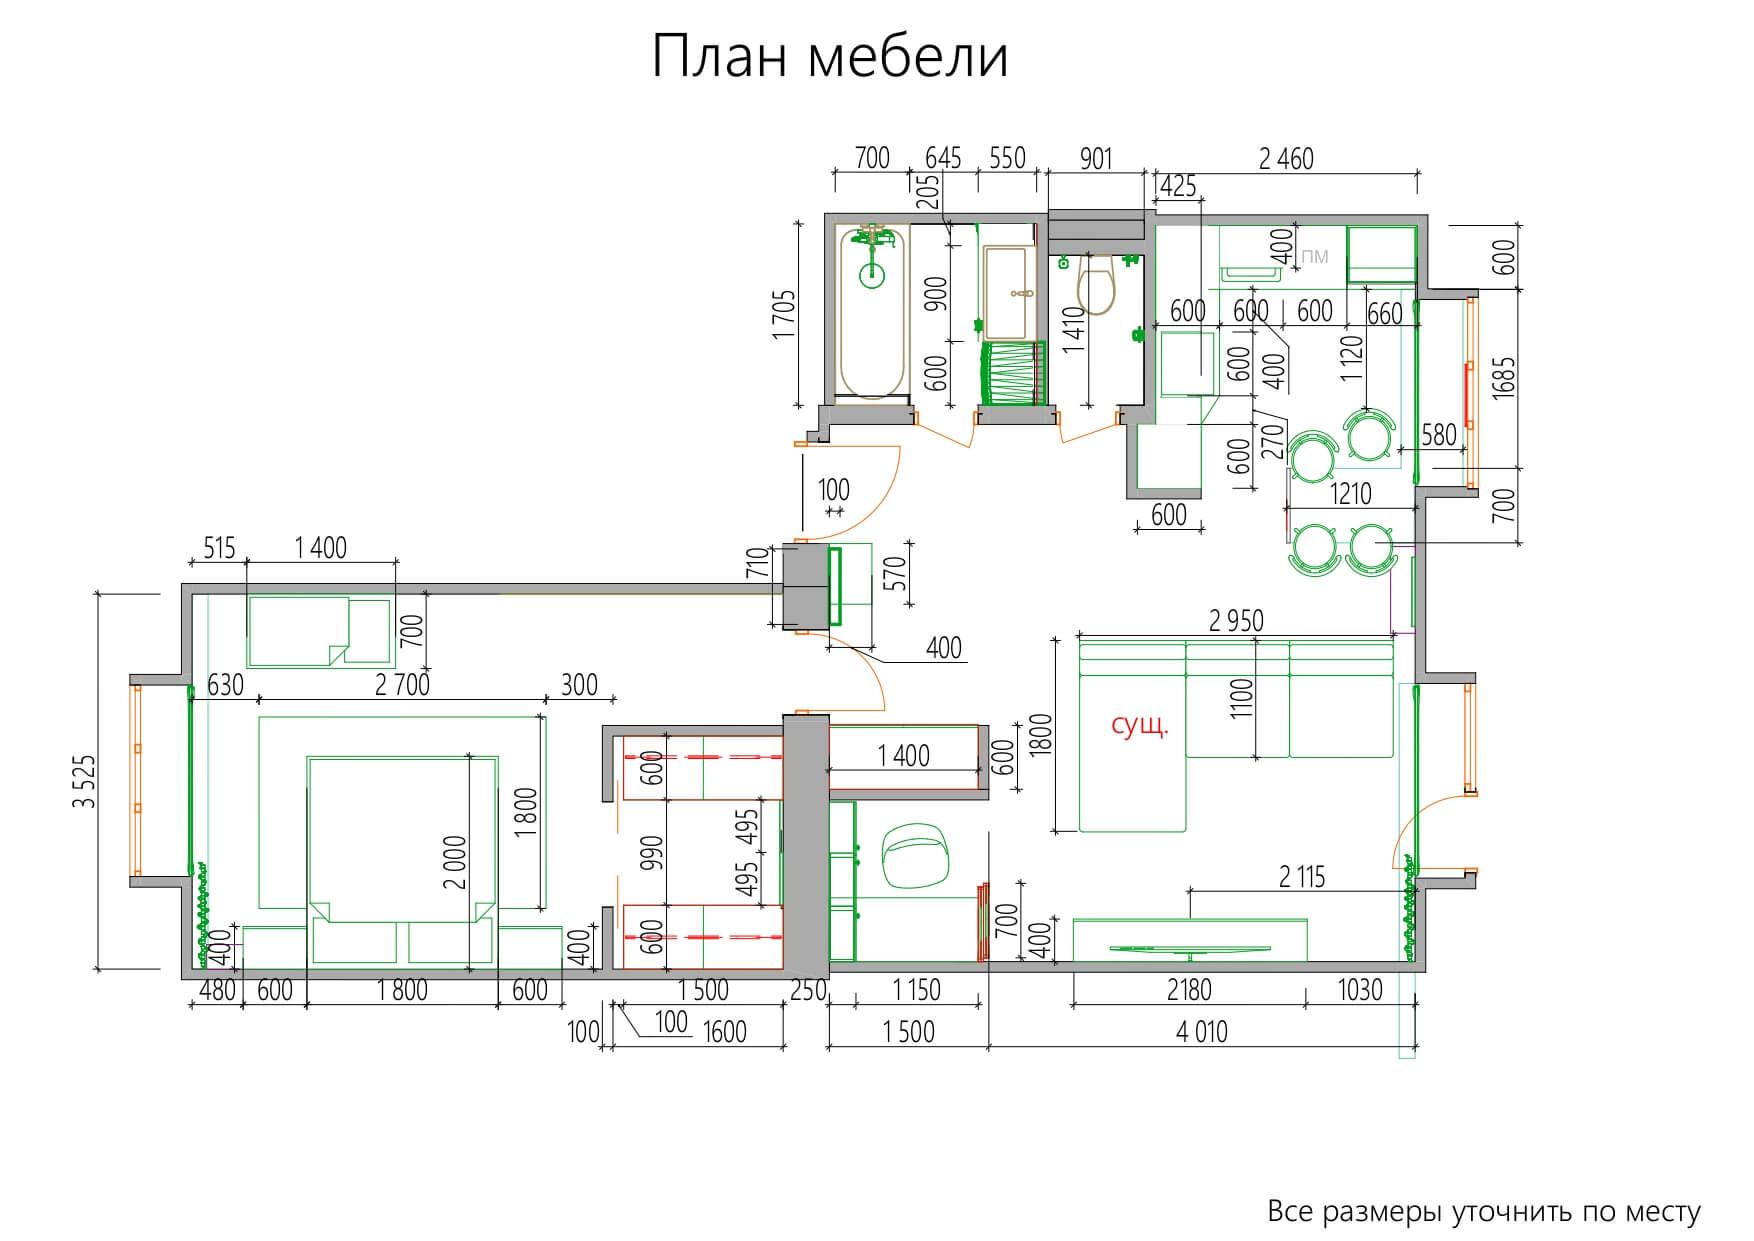 6-А4 План мебели_page-0001